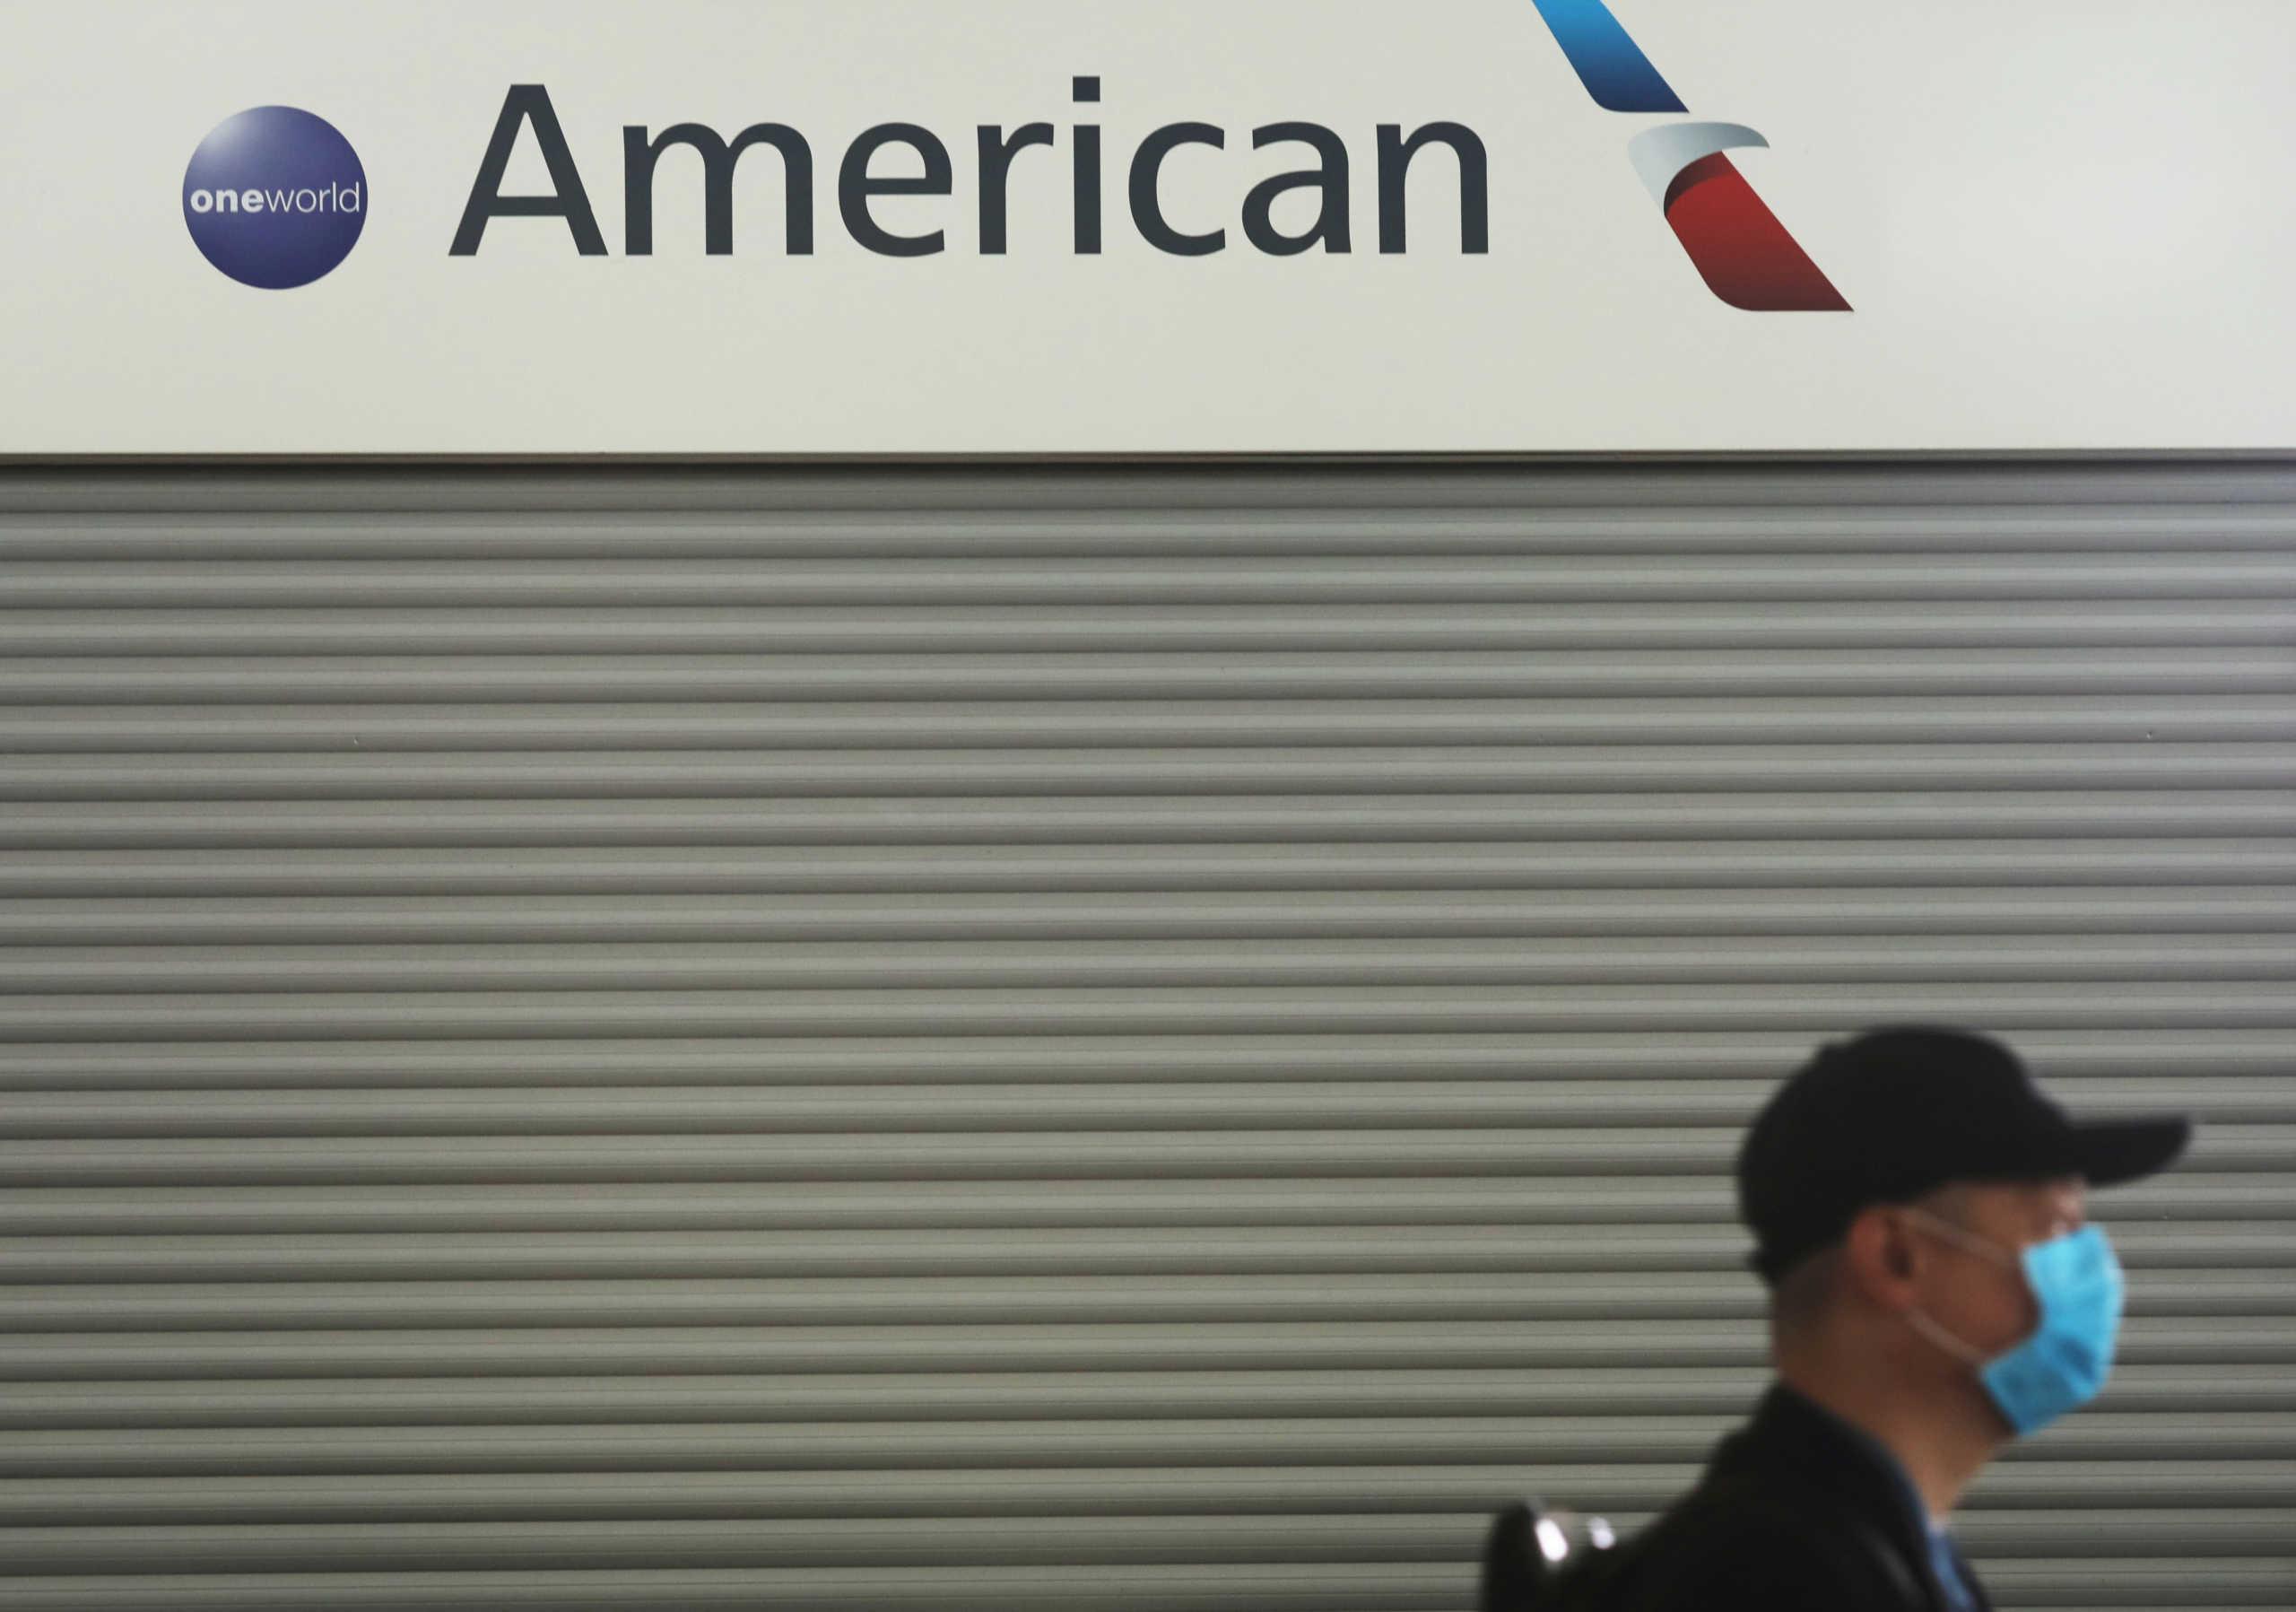 ΗΠΑ: Τσουχτερά πρόστιμα για όσους δεν φορούν μάσκα στα αεροπλάνα